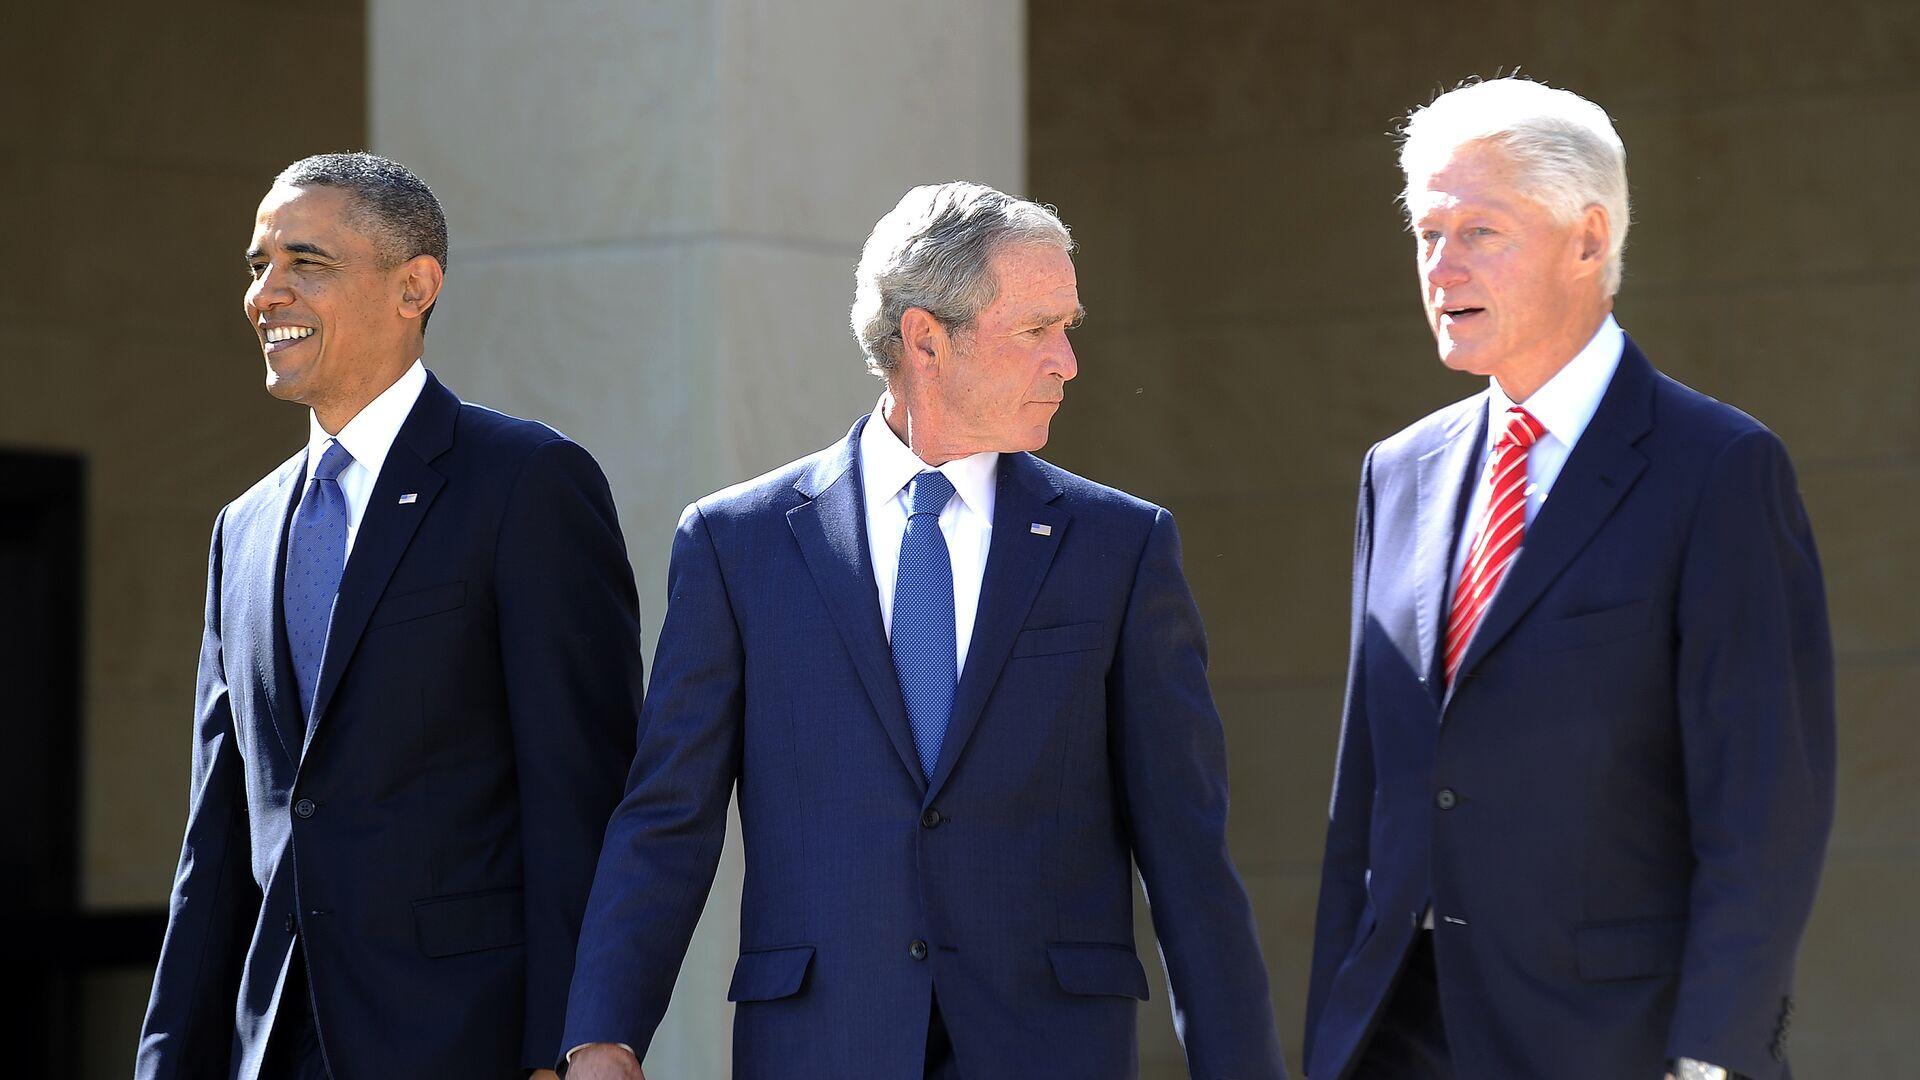 Presidente de EEUU, Barack Obama, y expresidentes George W. Bush y Bill Clinton - Sputnik Mundo, 1920, 11.03.2021